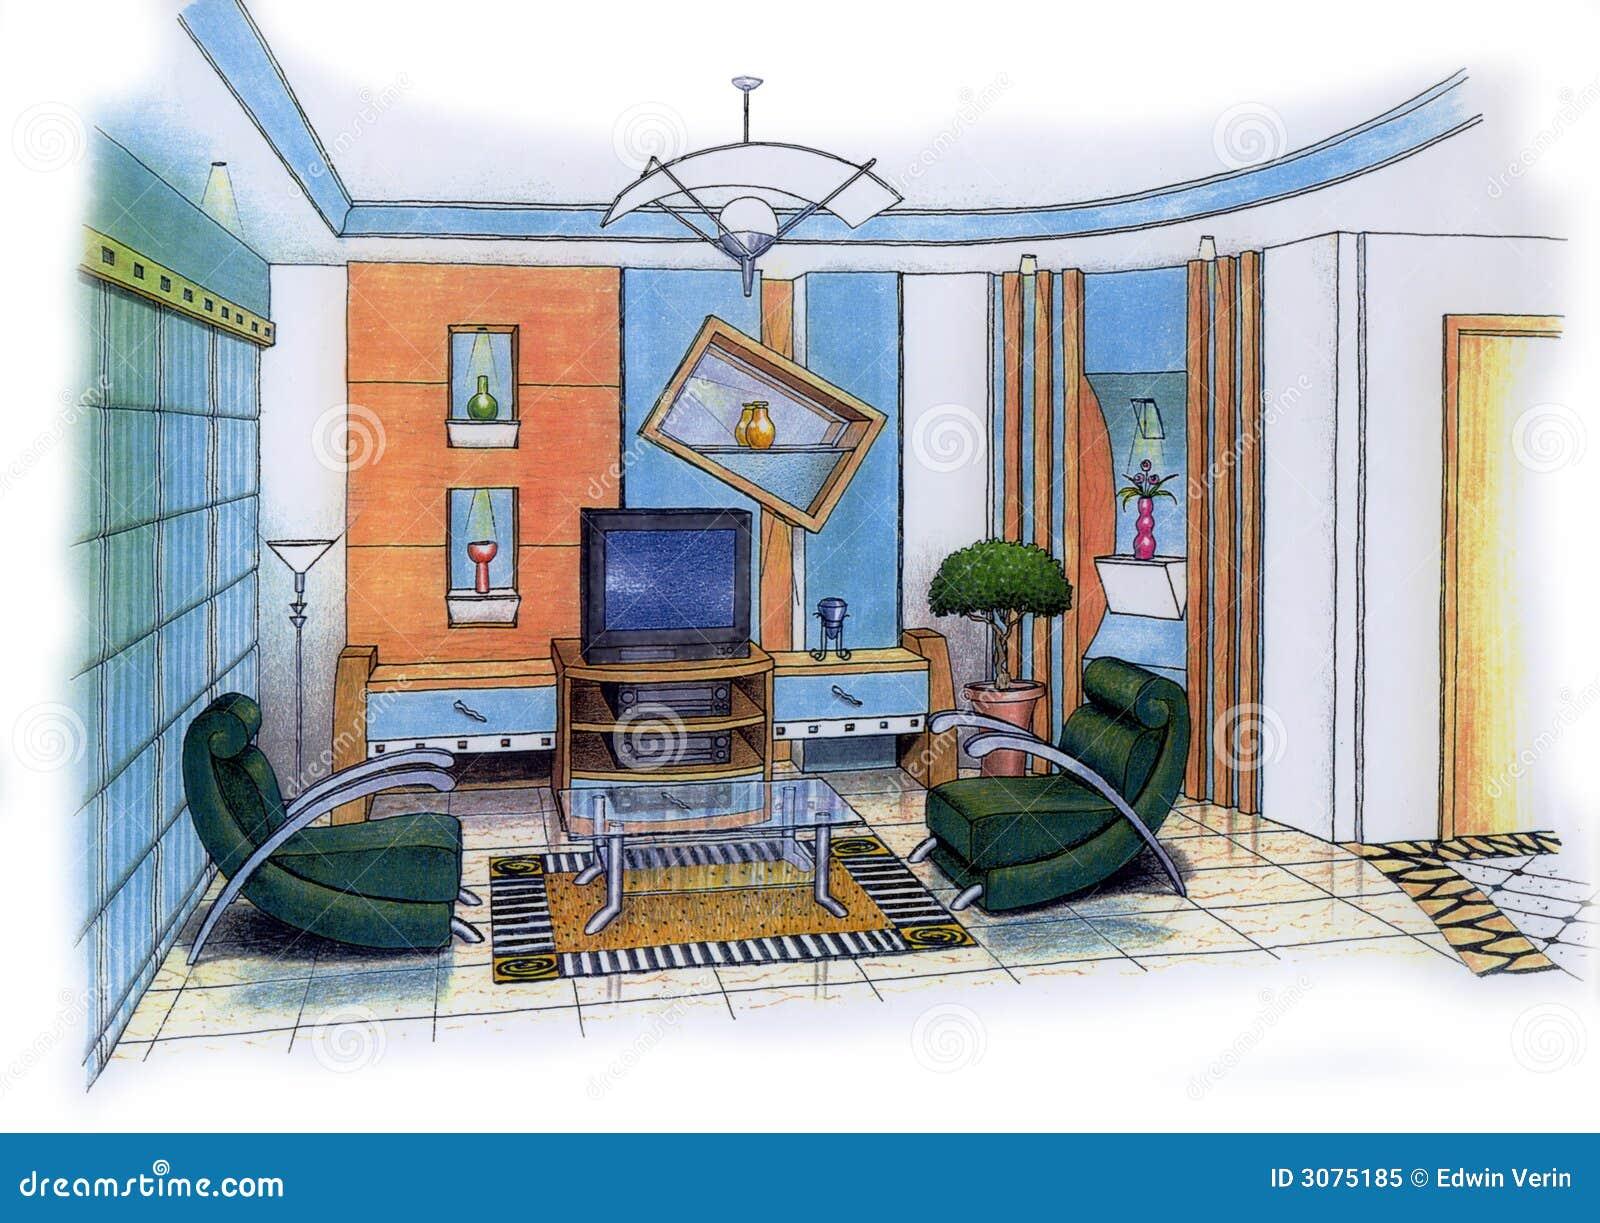 Innenarchitektur skizze wohnzimmer  Wohnzimmer Lizenzfreies Stockfoto - Bild: 3075185